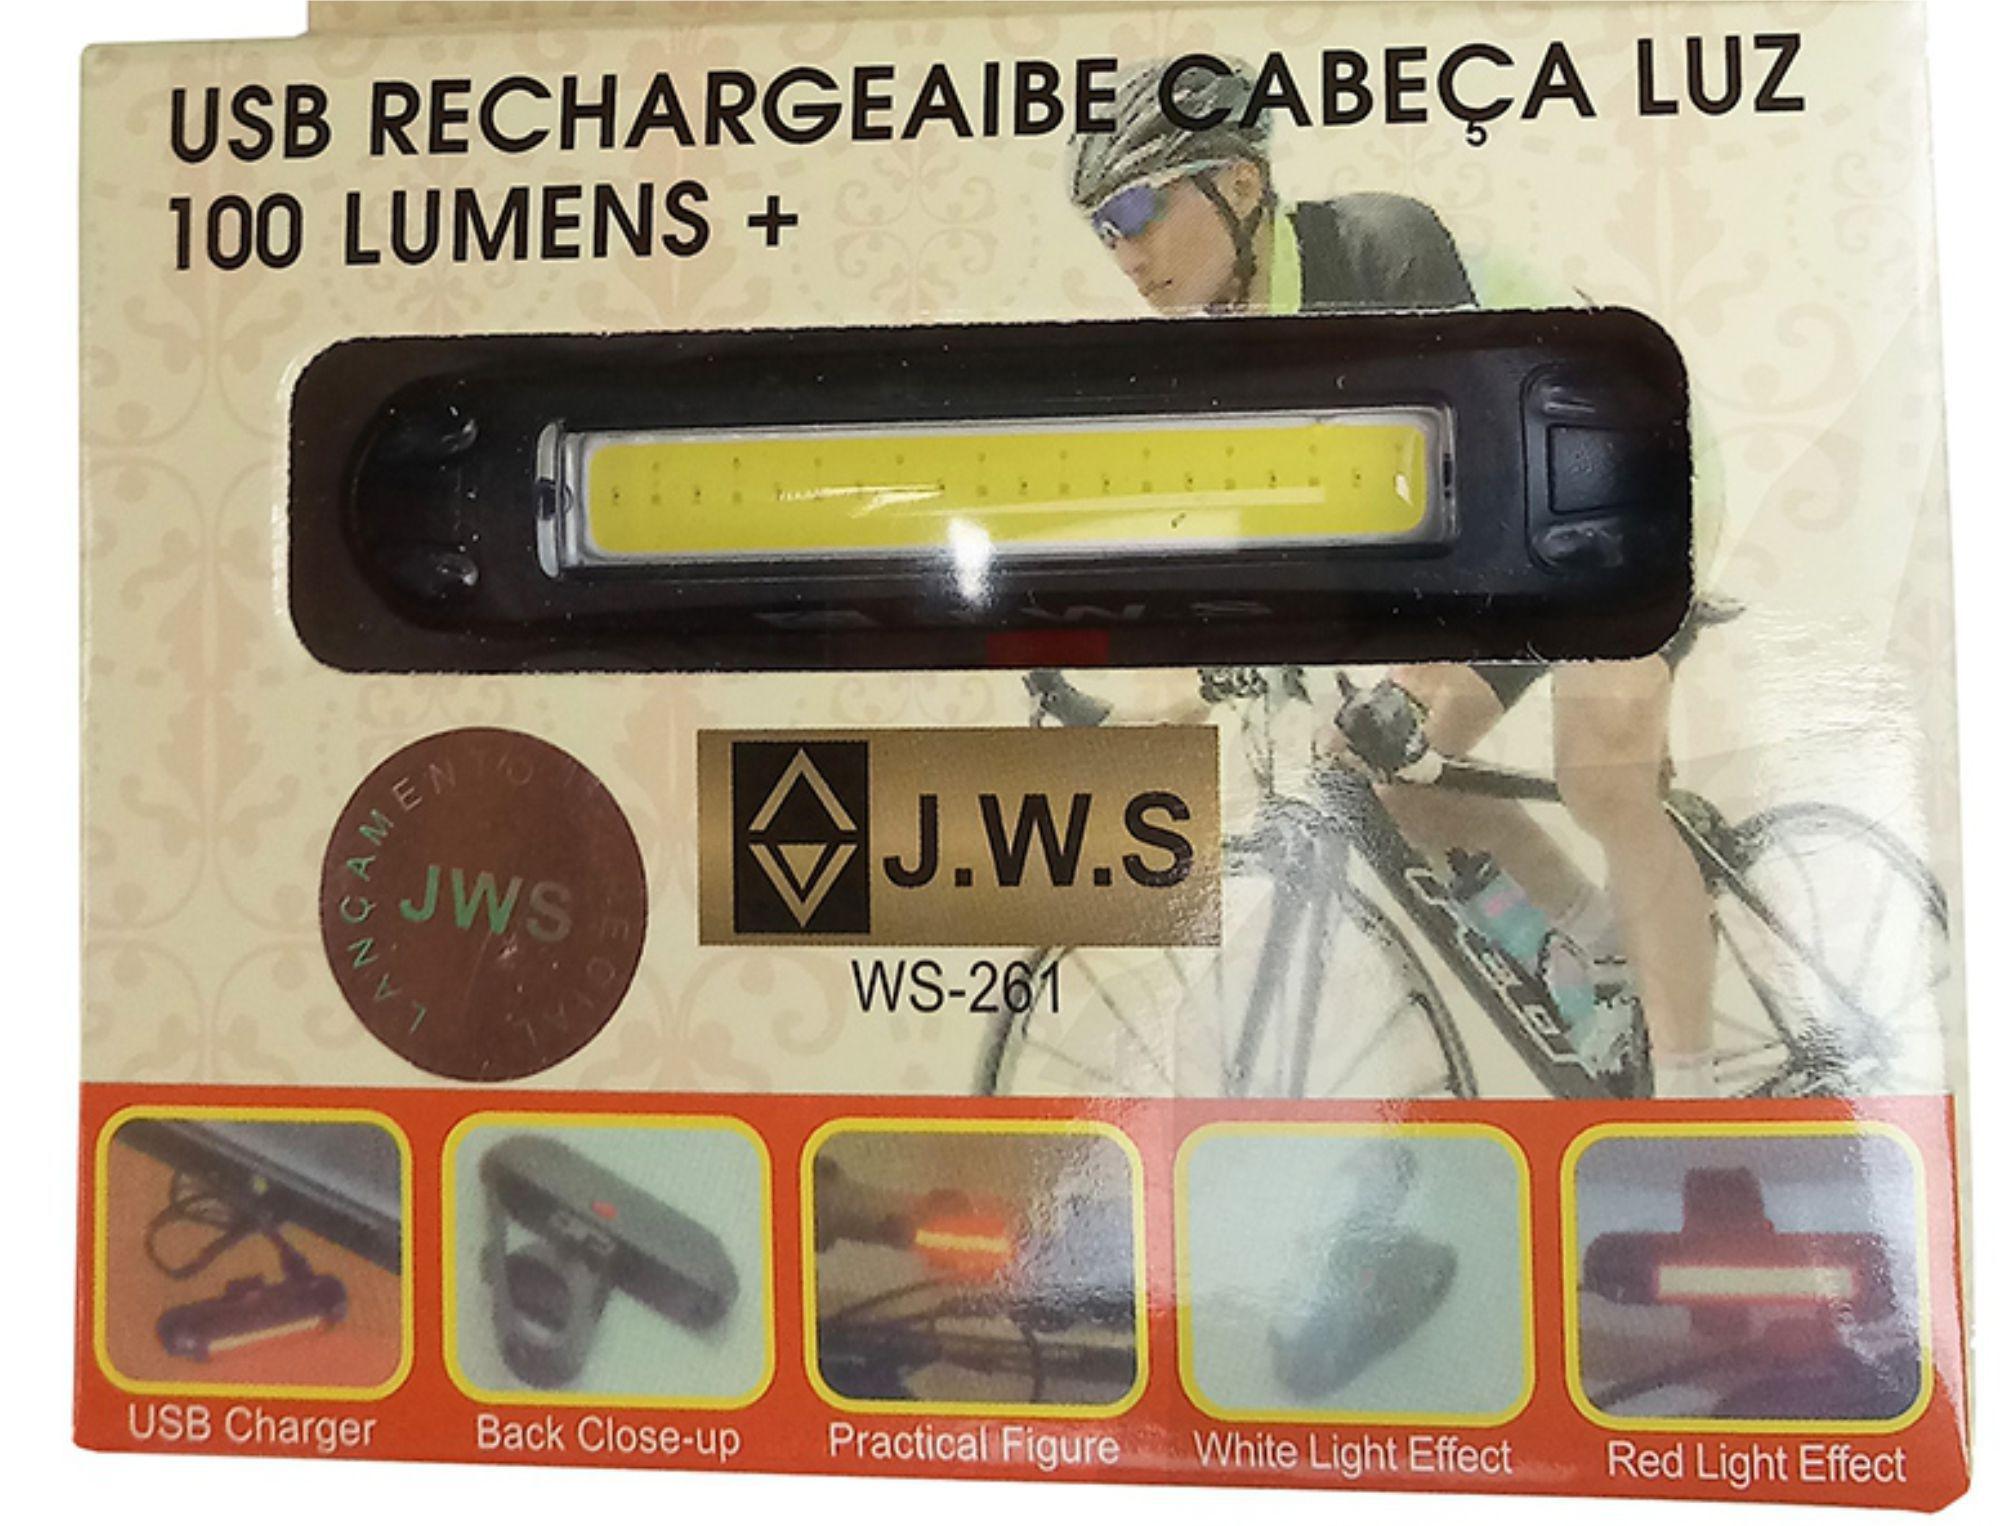 Sinalizador com Led 100 Lumens JWS WS-261 Recarregável USB Led Vermelho e Branco 5 Modos Super Forte